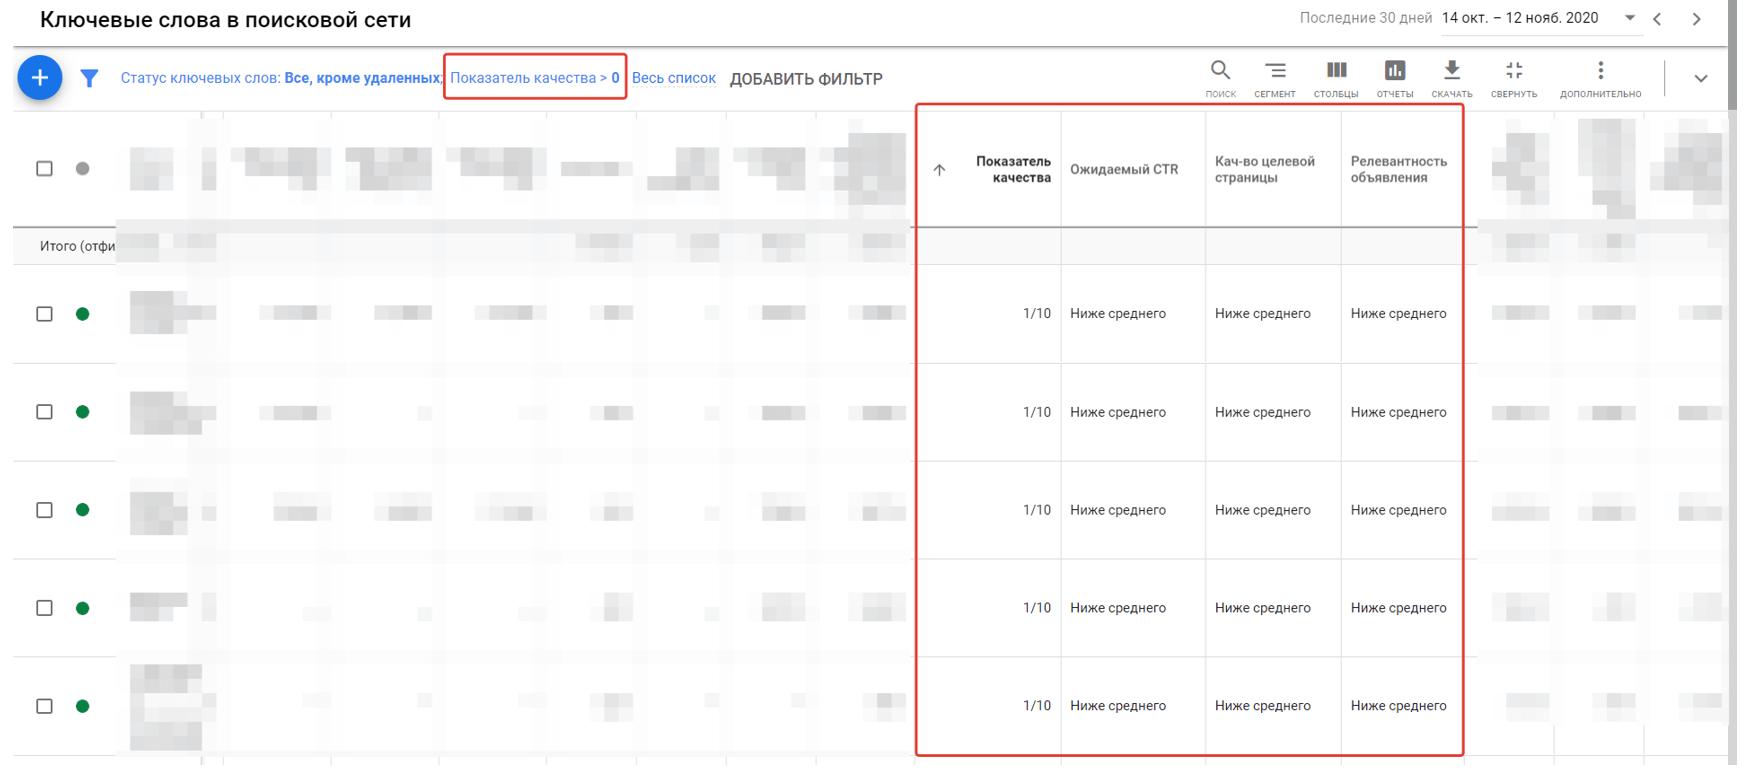 Показатель качества: ПК или QS (quality score) поисковой рекламы